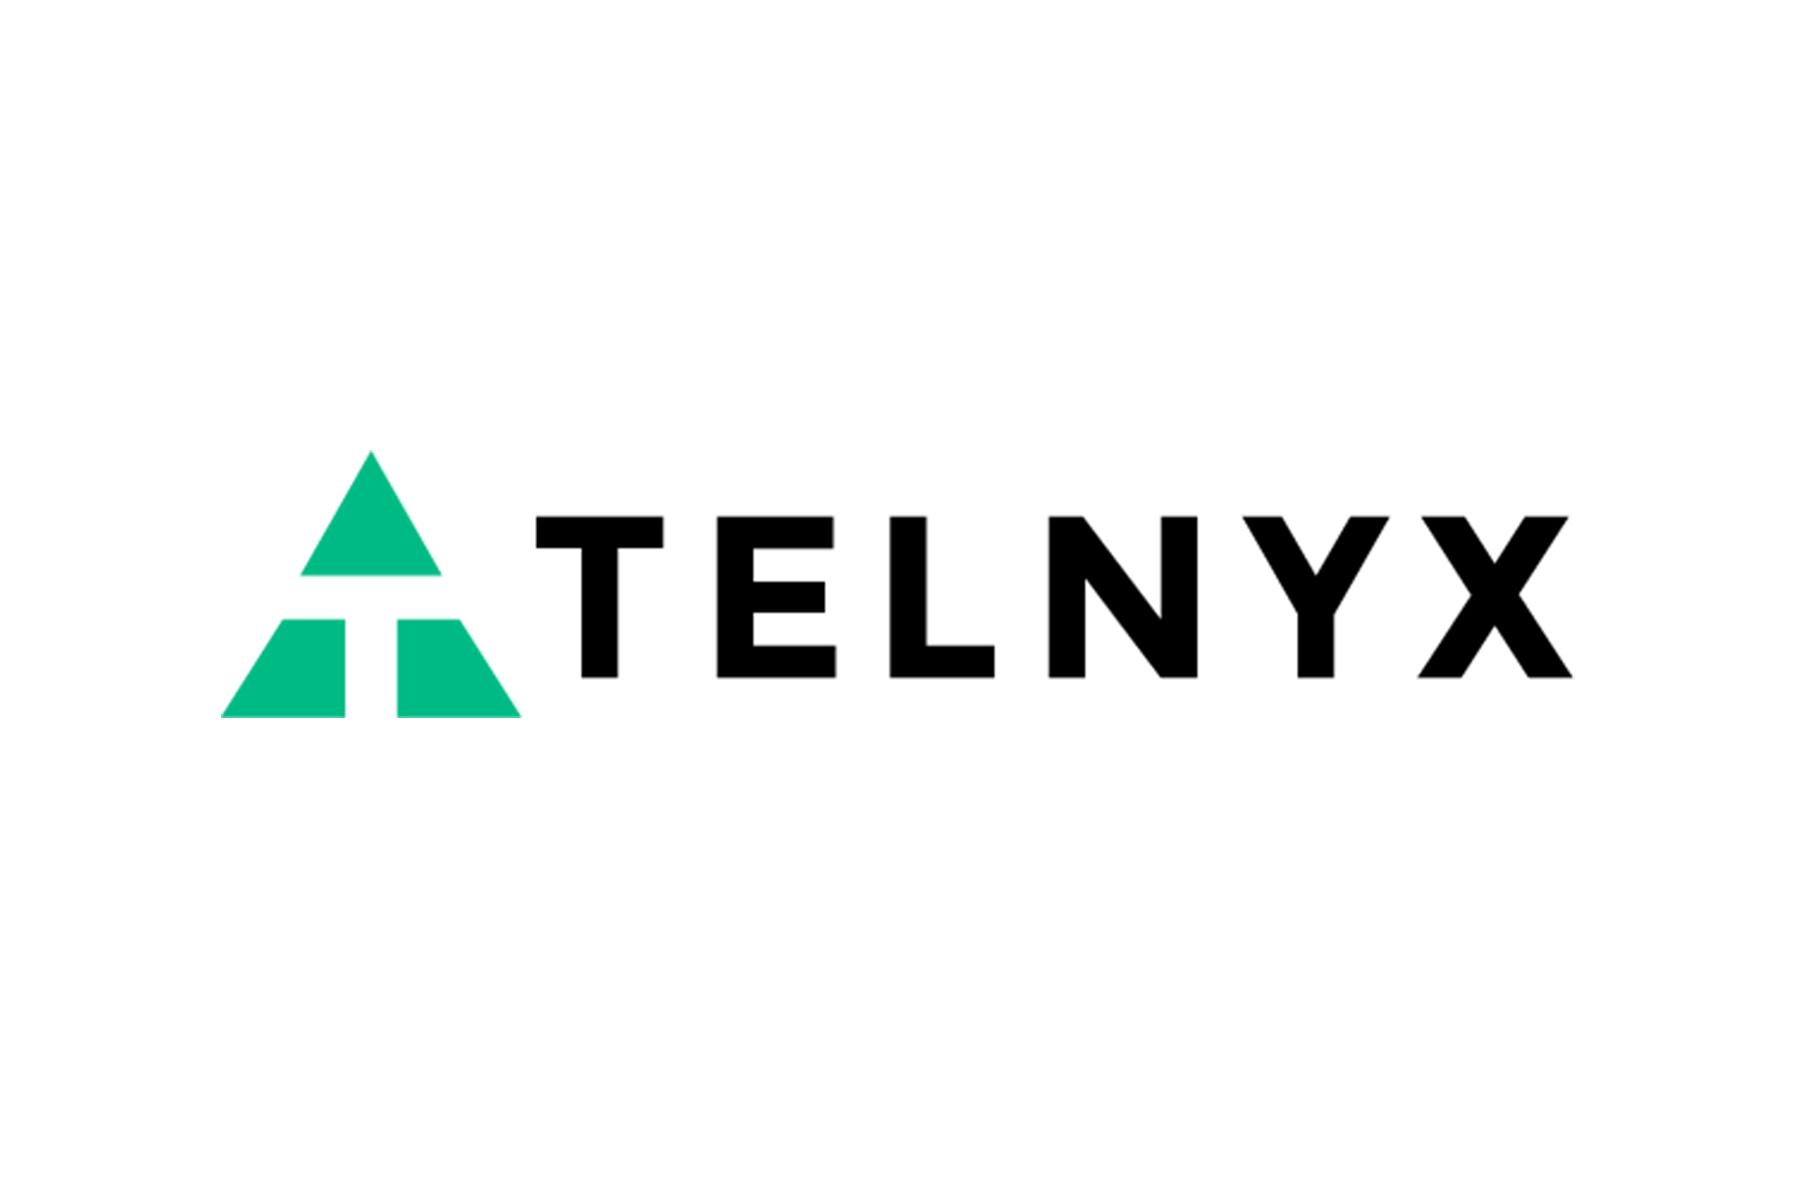 Telnyx.jpg